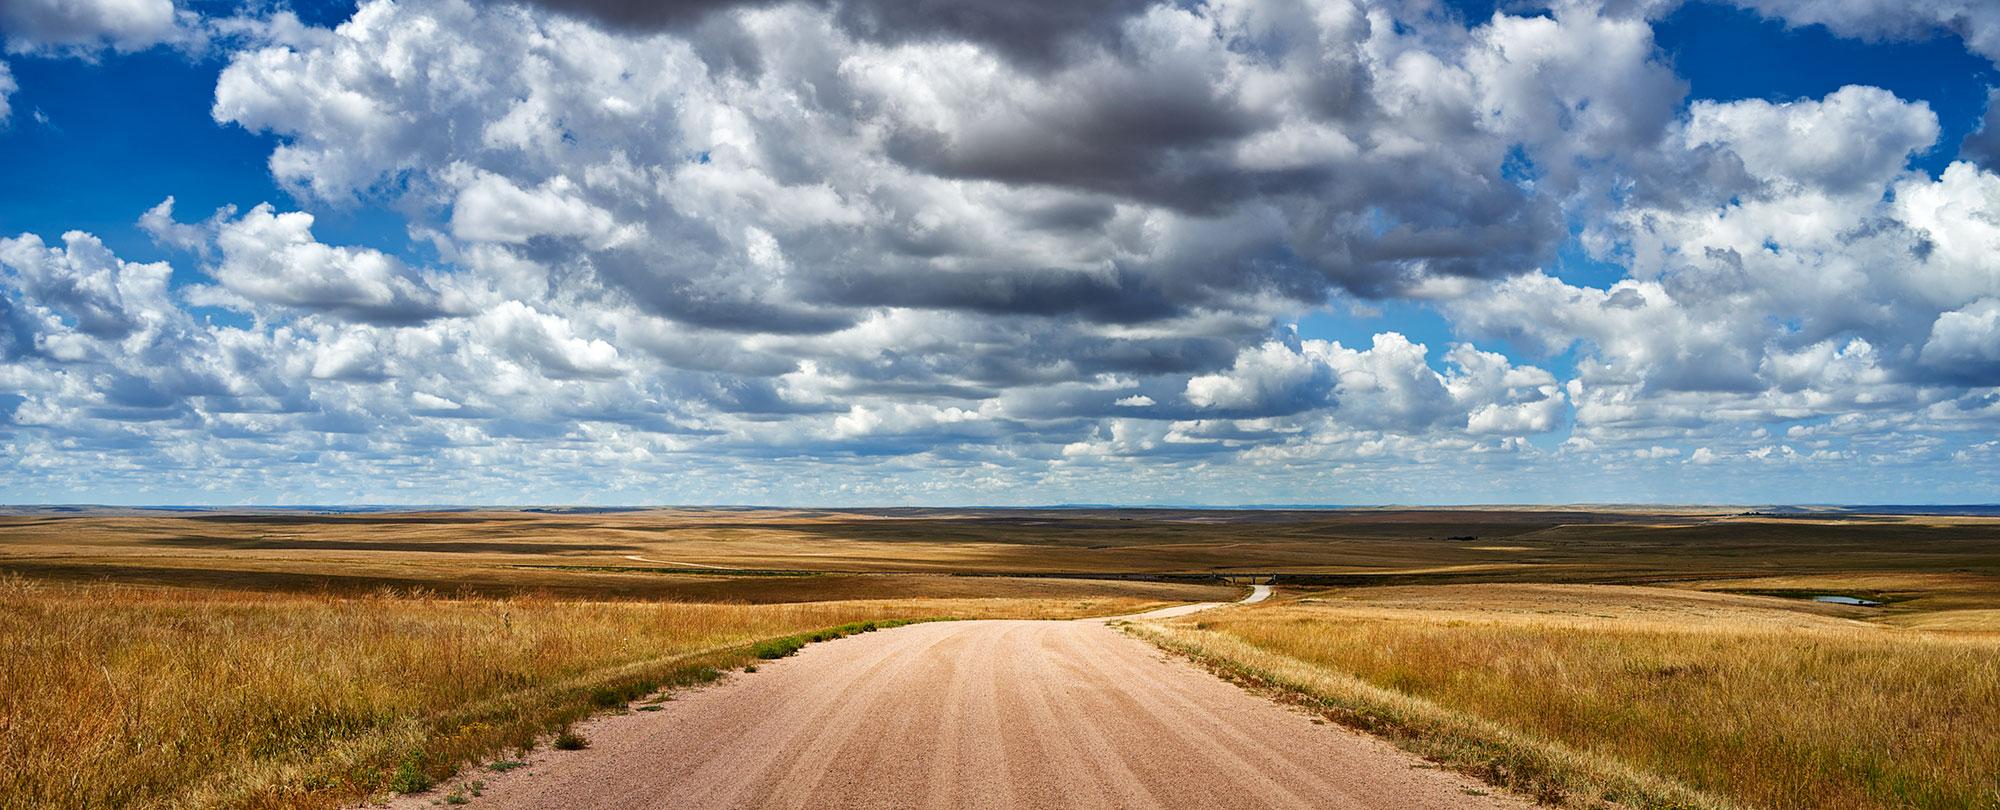 Kansas-Pano.jpg